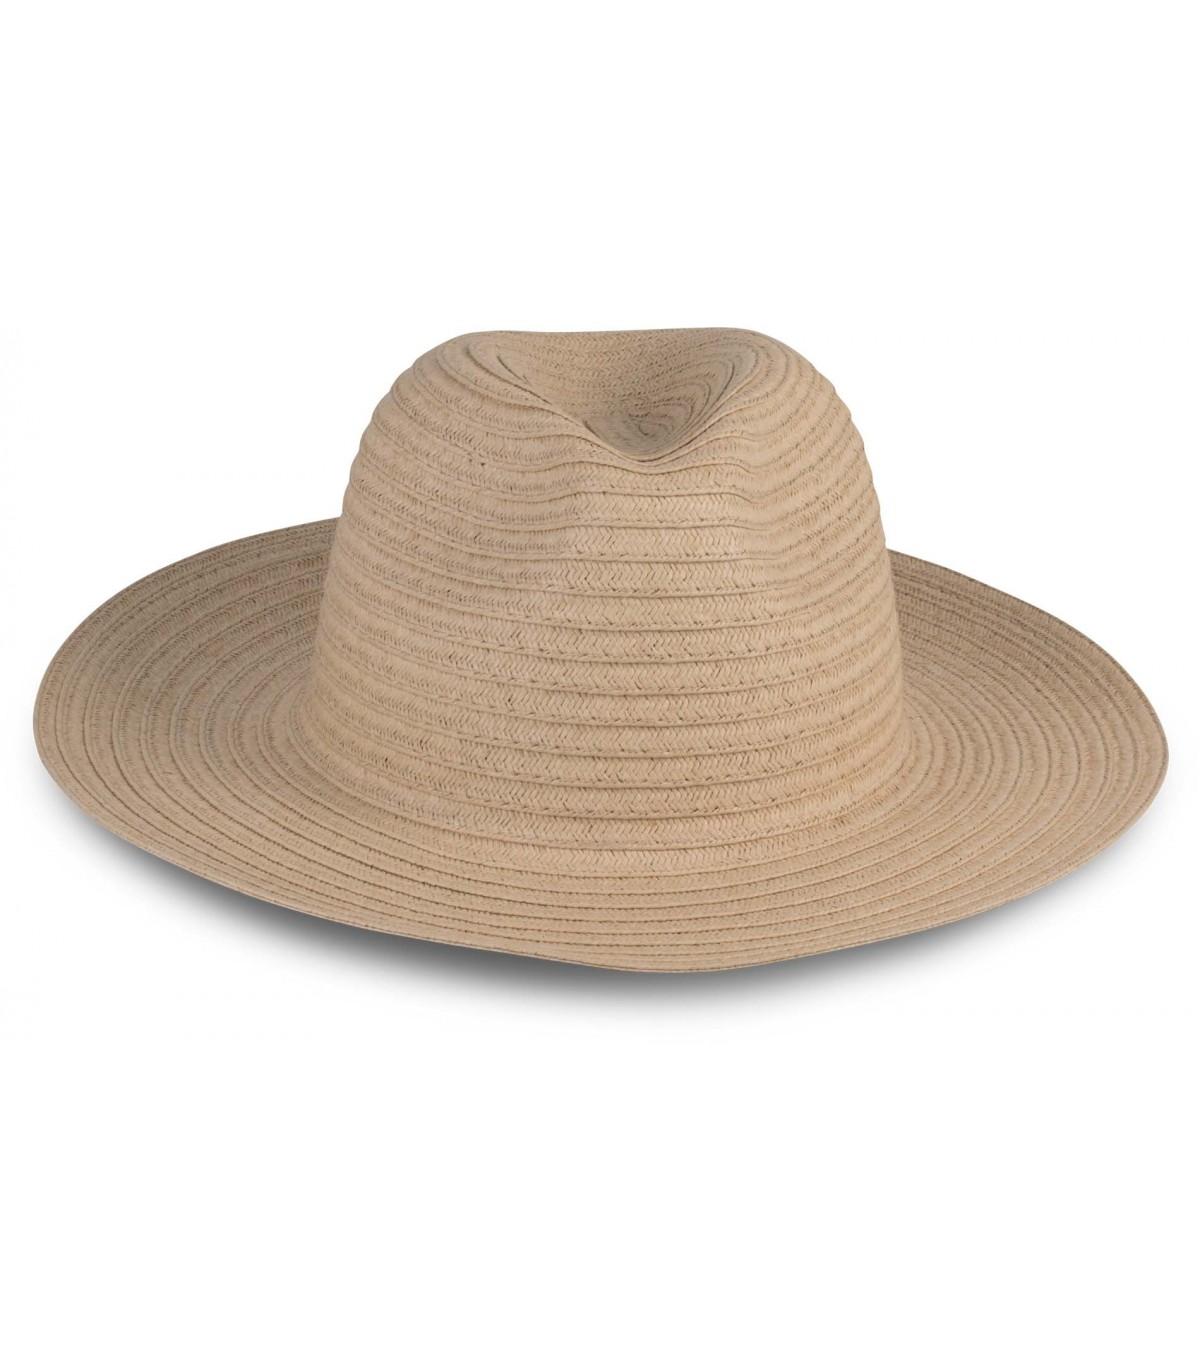 vente professionnelle nouveau concept images détaillées Chapeau de paille classique - KP610